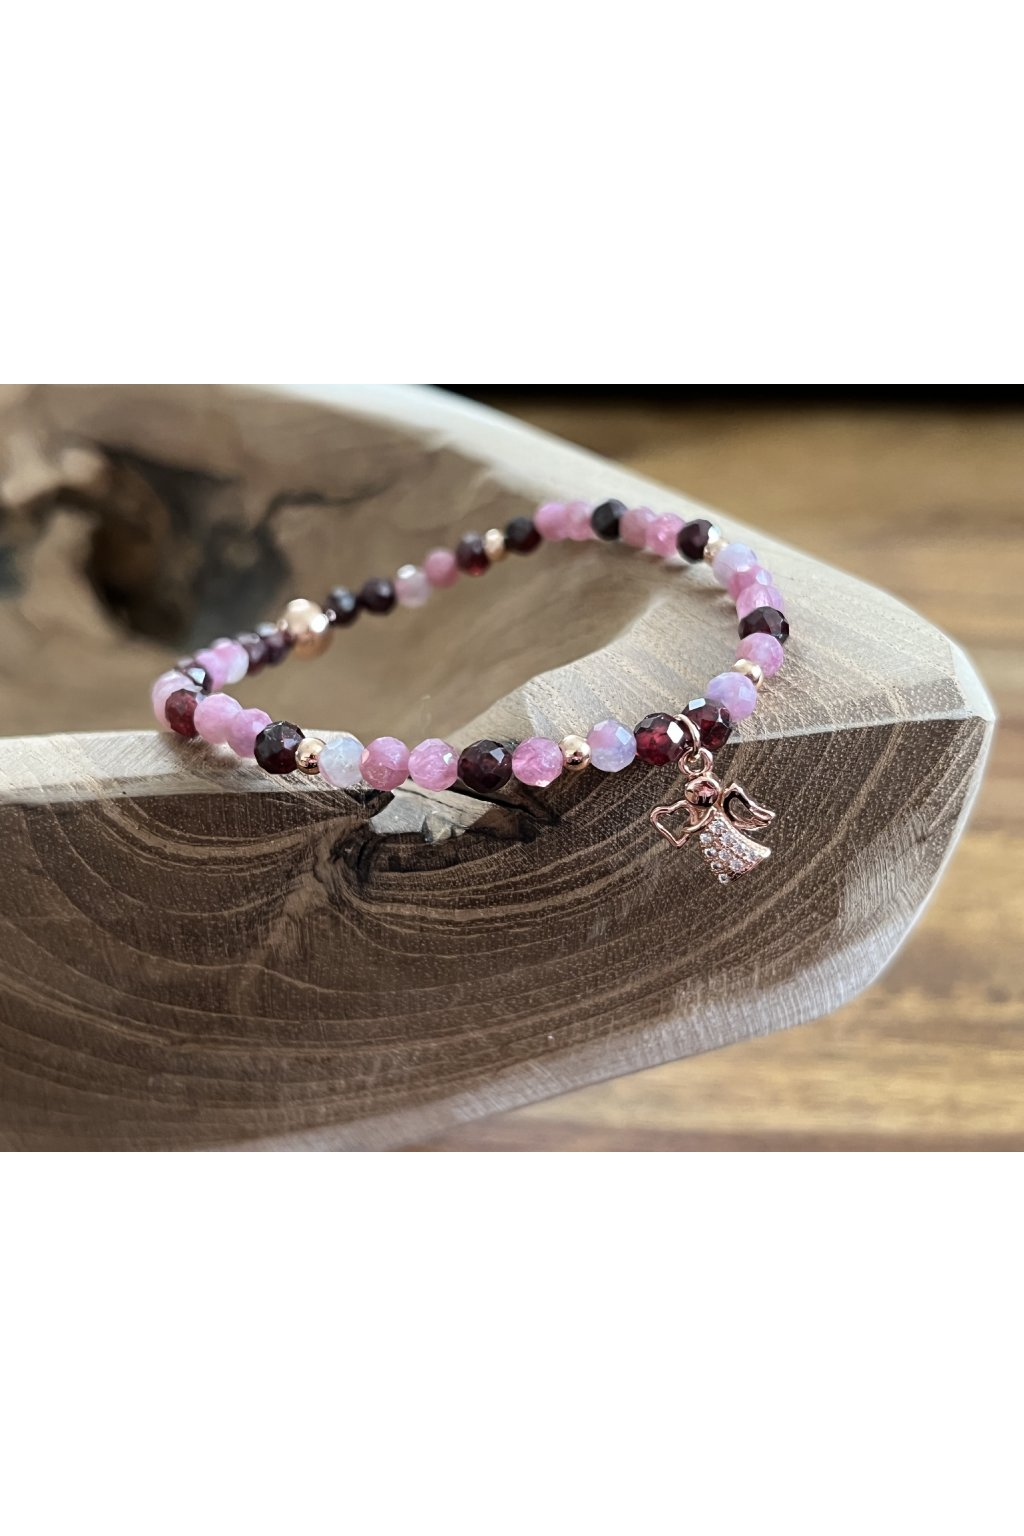 Dámský náramek z minerálů - Tygří Jaspis, Růženín, Hematit, Strom života